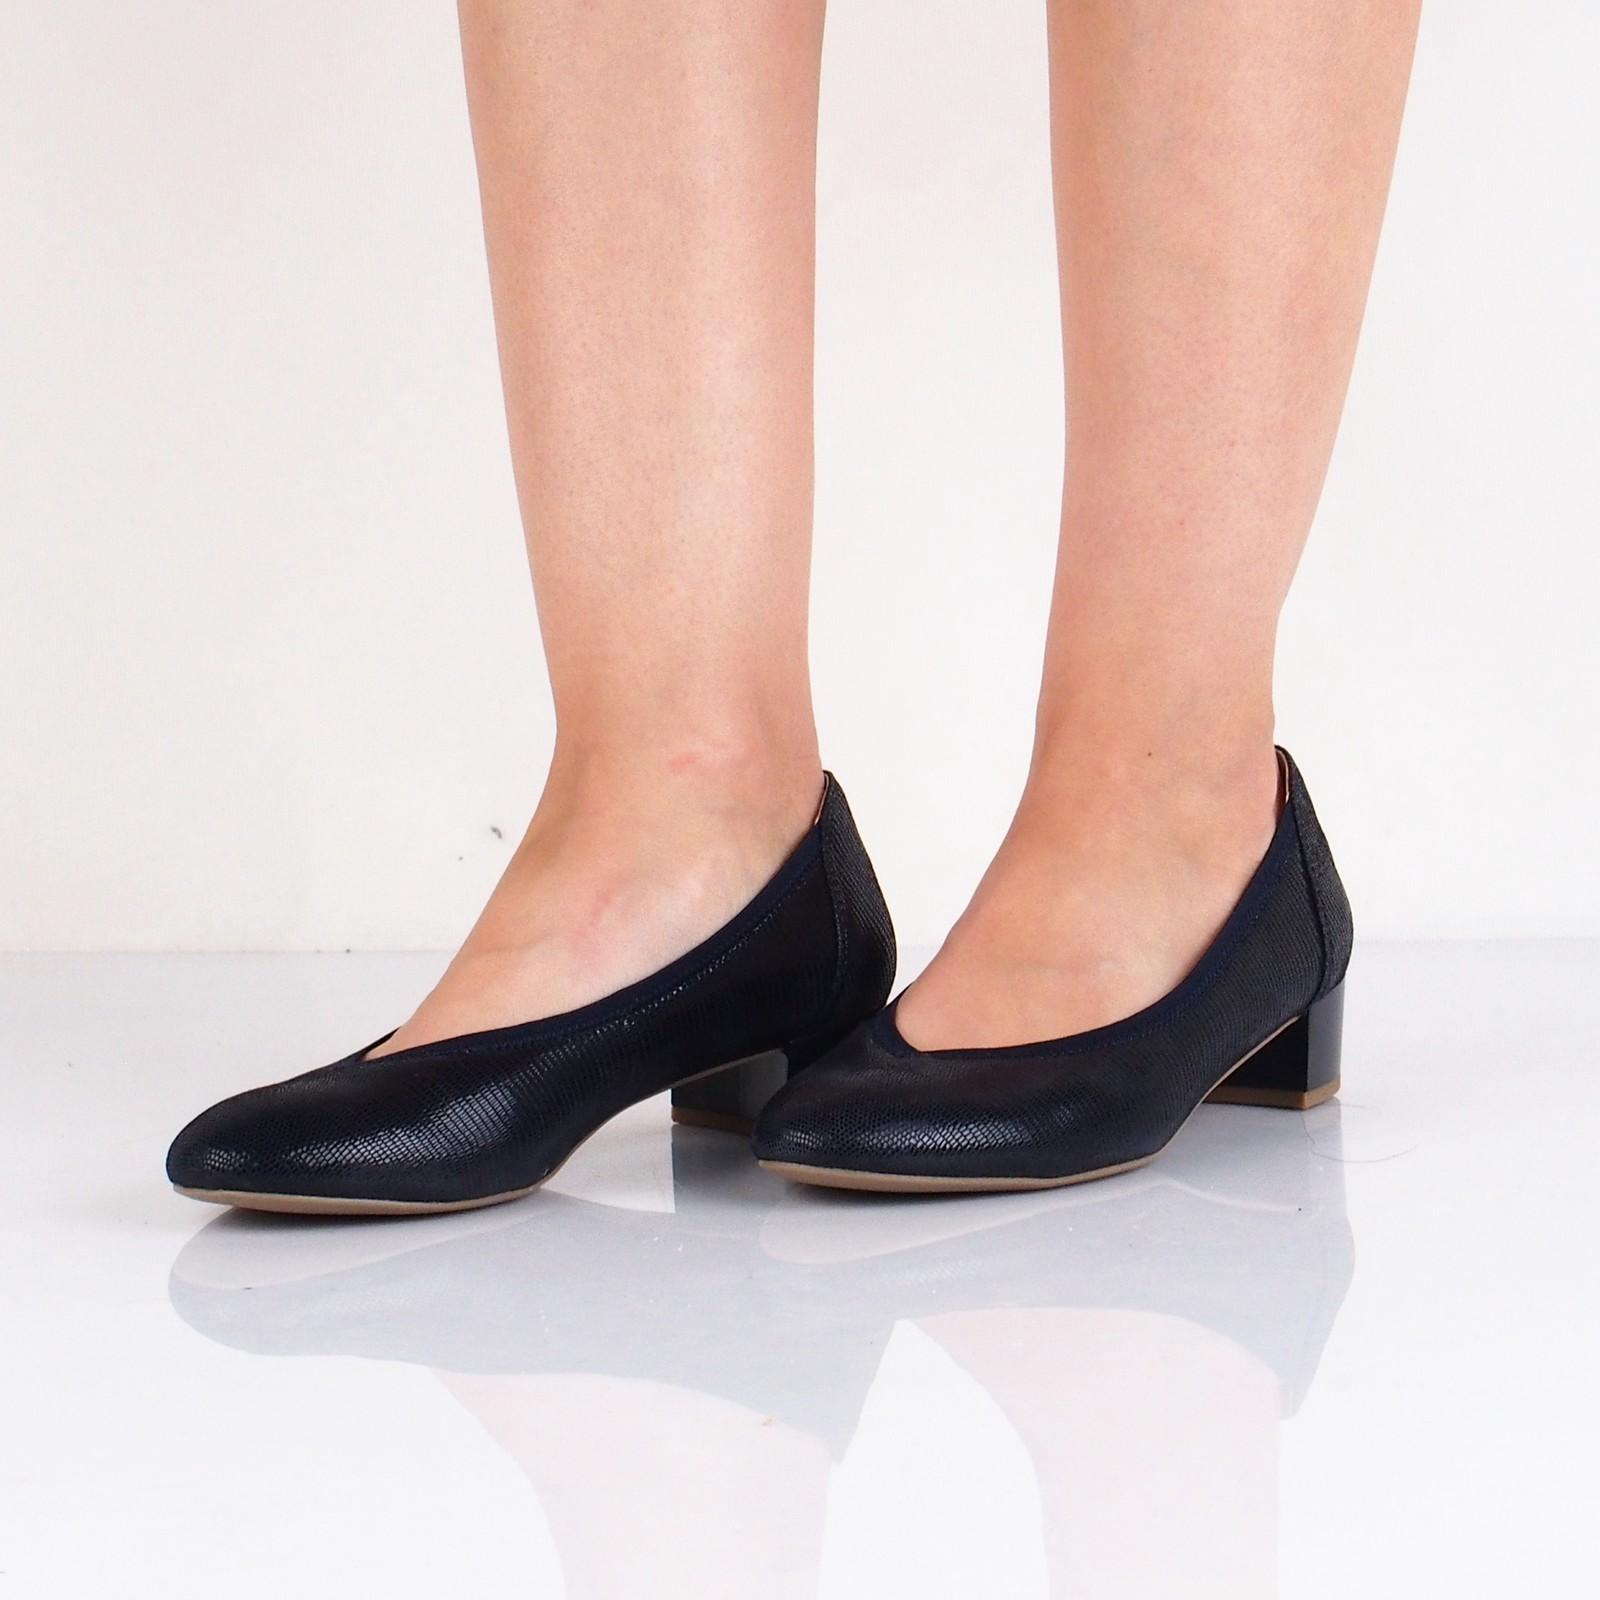 Caprice dámské pohodlné balerínky na podpatku - tmavomodré